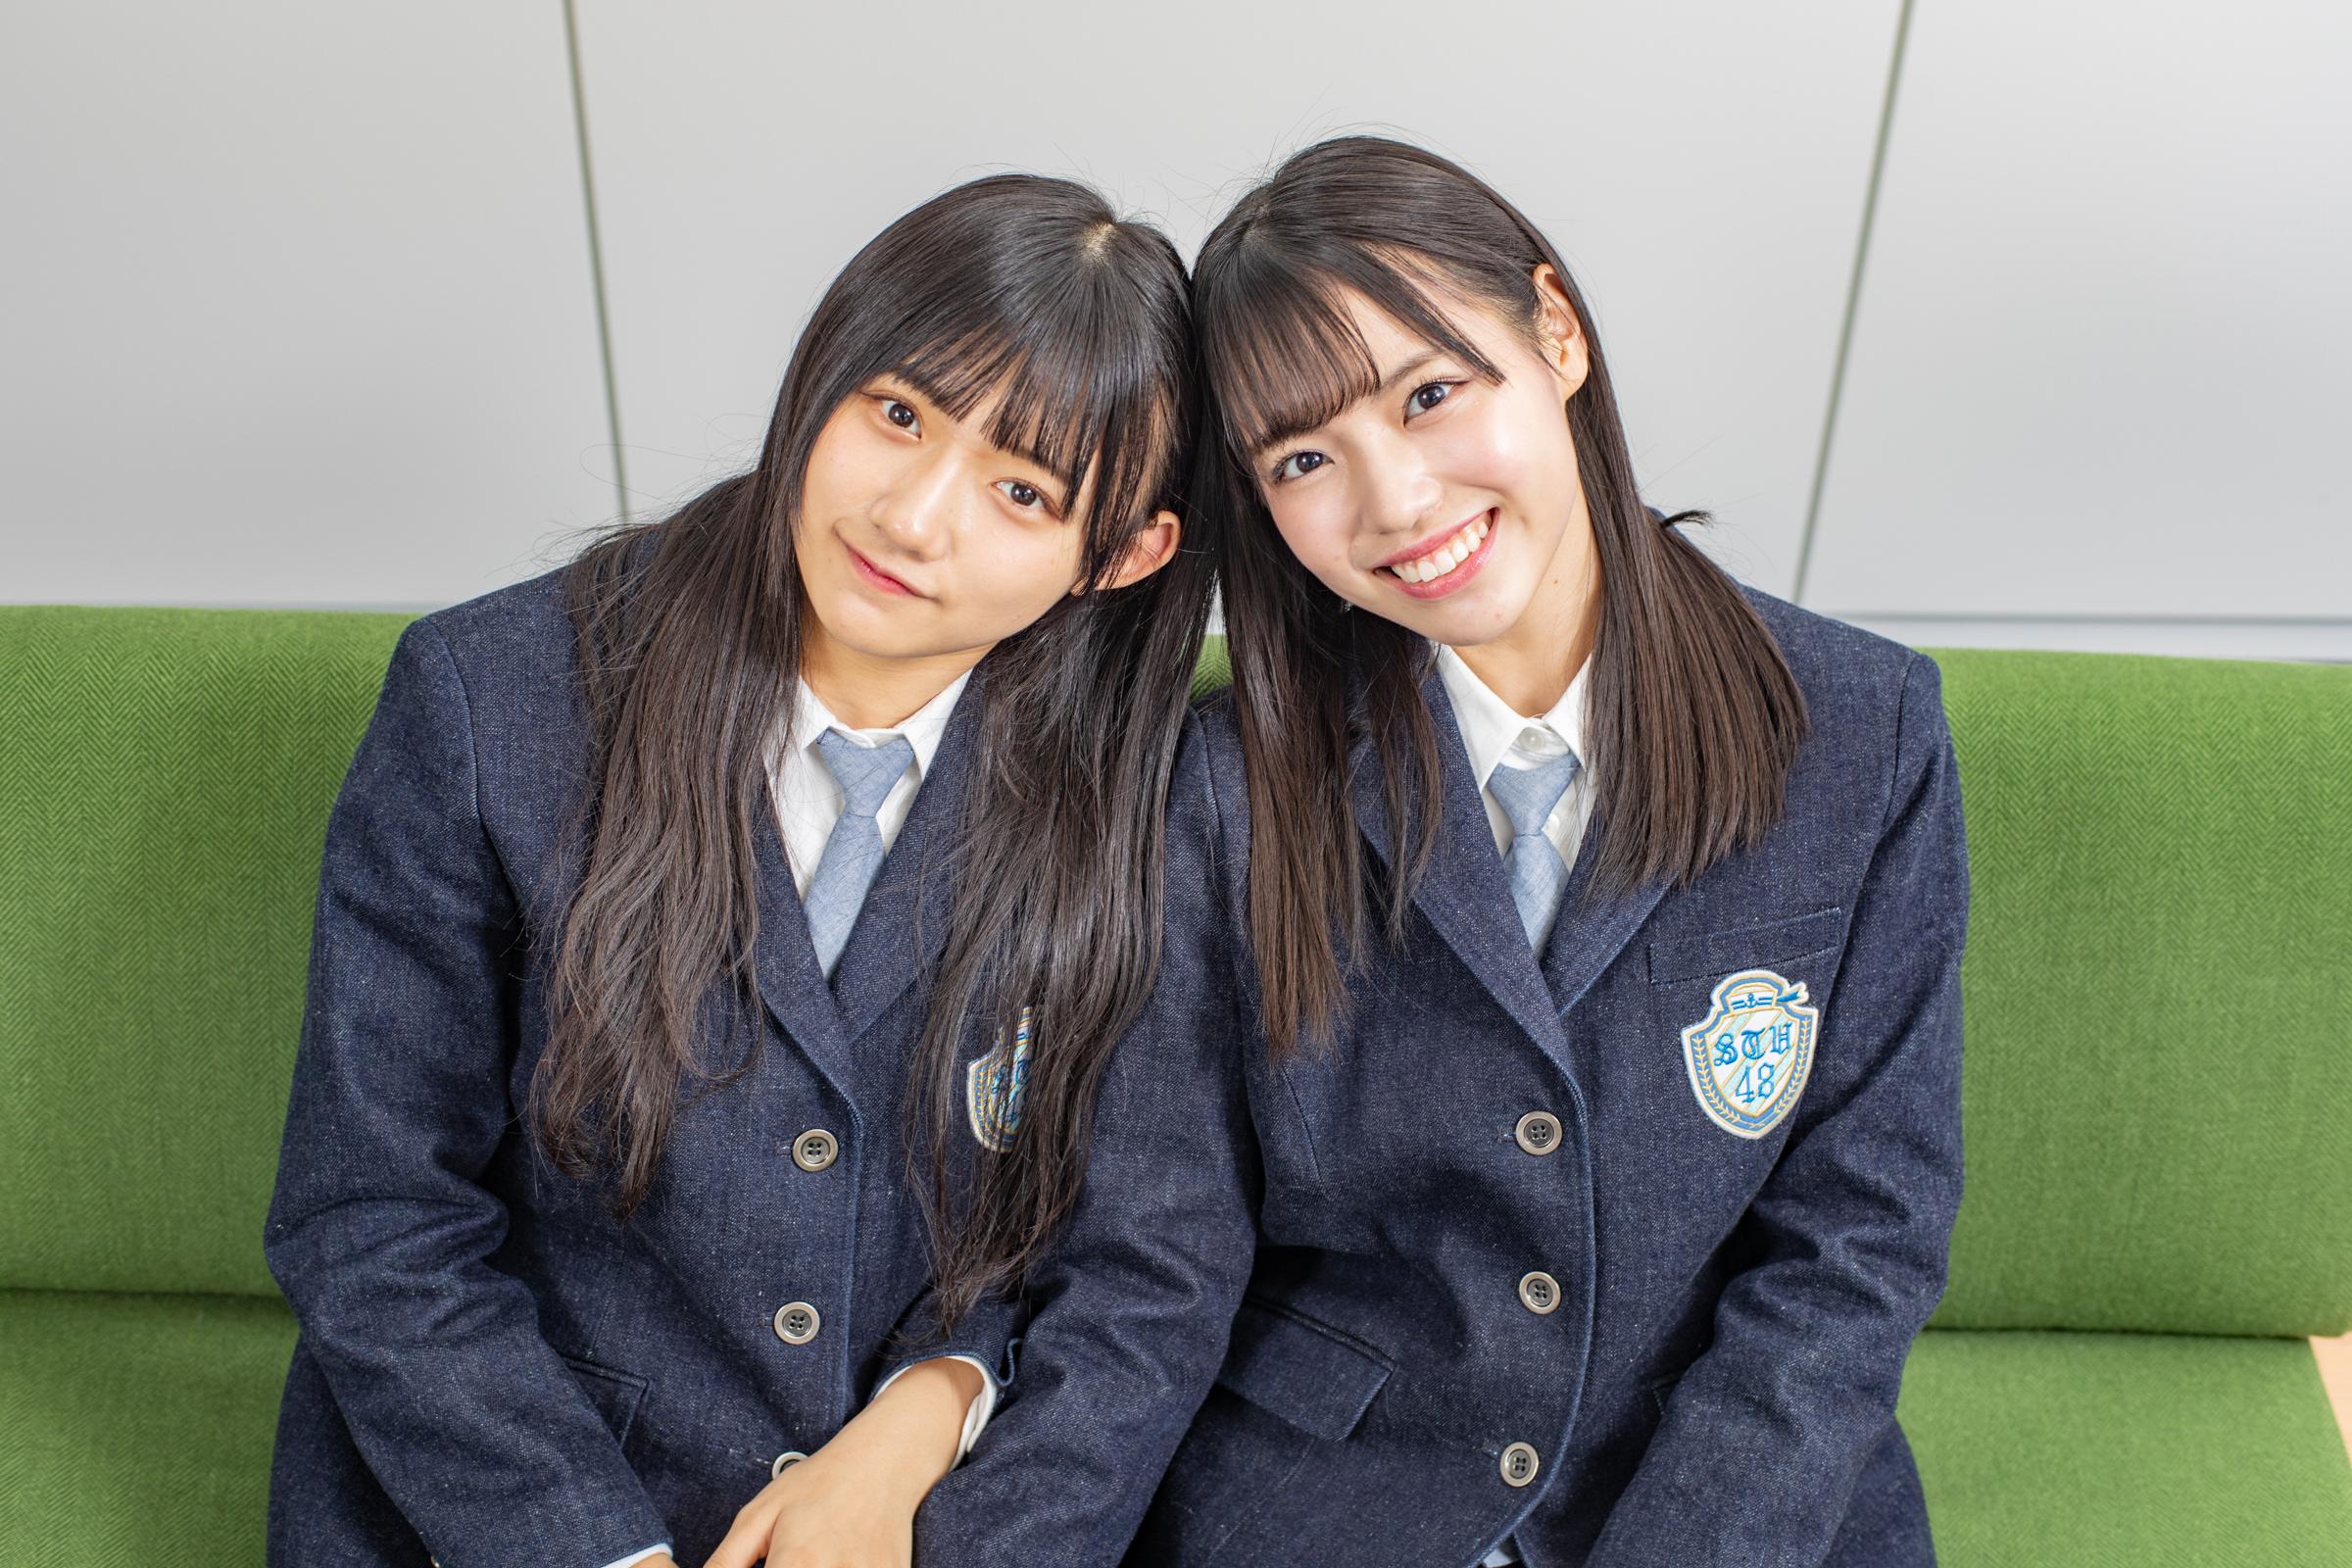 インタビューに応じた門脇実優菜(左)と岩田陽菜【写真:山口正人】